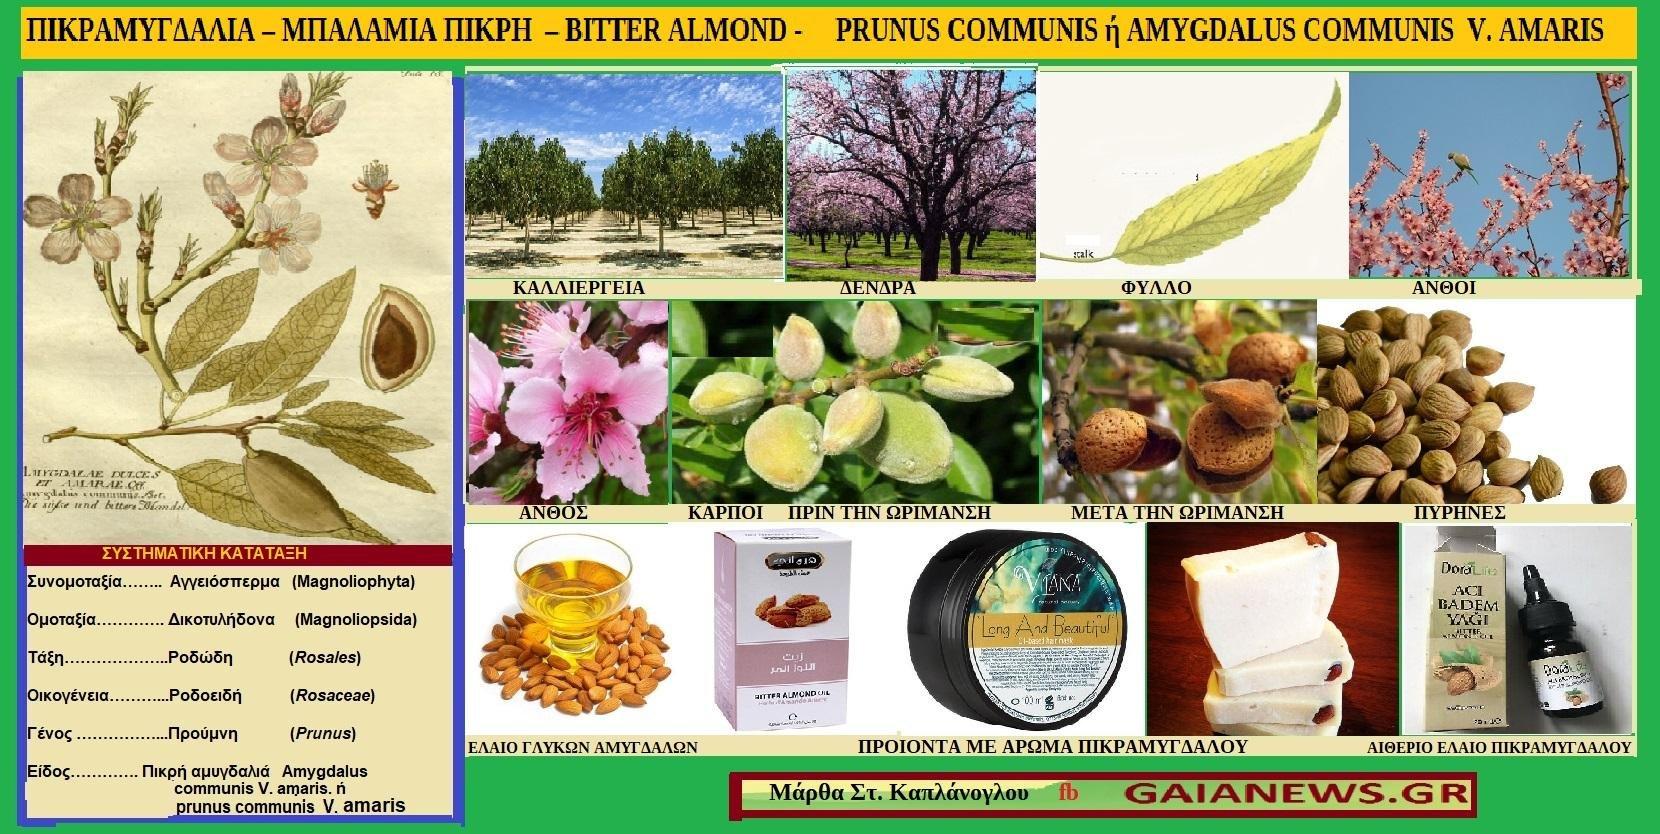 Φυτά από τους αγρούς και της παλιές αυλές της Κοζάνης. ΜΠΑΛΑΜΙΑ & ΜΠΑΛΑΜΙΕΣ.  ΠΙΚΡΑΜΥΓΔΑΛΙΑ – ΜΠΑΛΑΜΙΑ ΠΙΚΡΗ – BITTER ALMOND - PRUNUS COMMUNIS ή AMYGDALUS COMMUNIS V. AMARIS